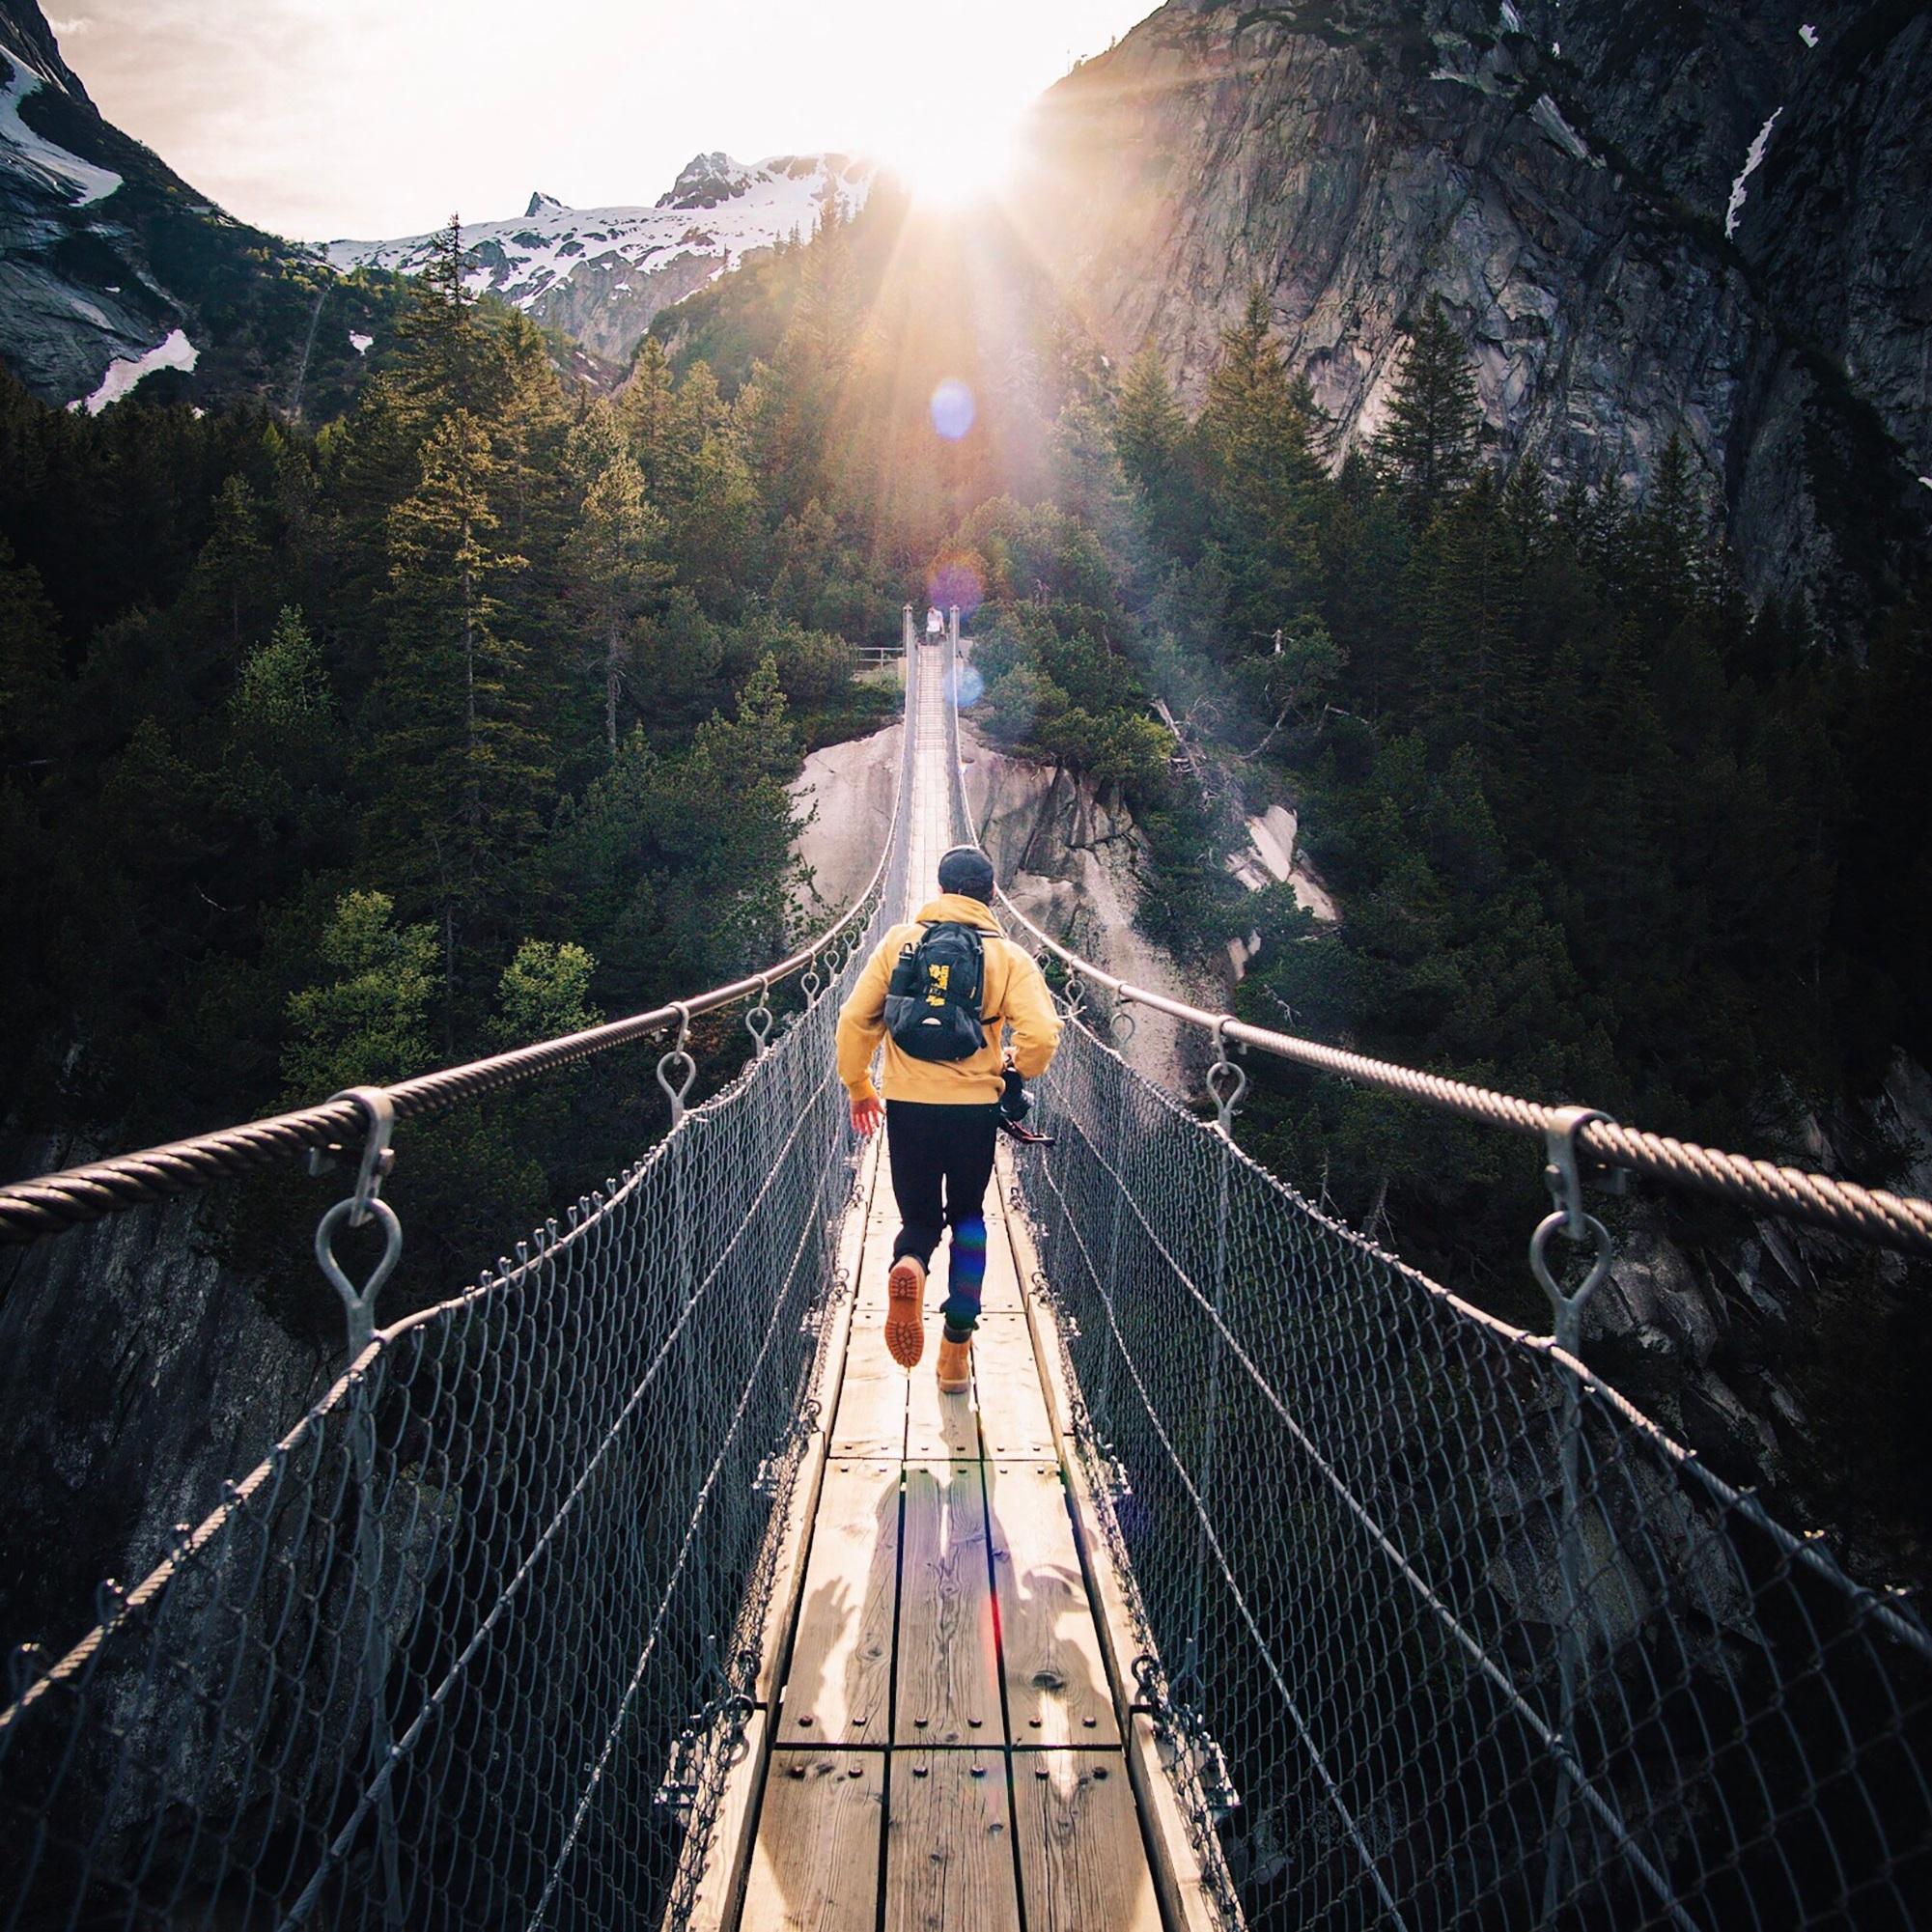 bridge+to+hope696510-unsplash.jpg